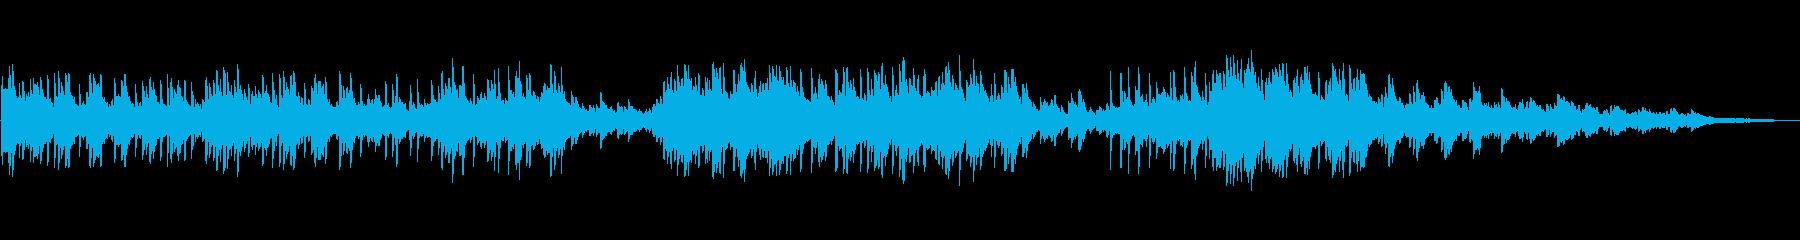 シリアスで重厚感のあるピアノ曲の再生済みの波形